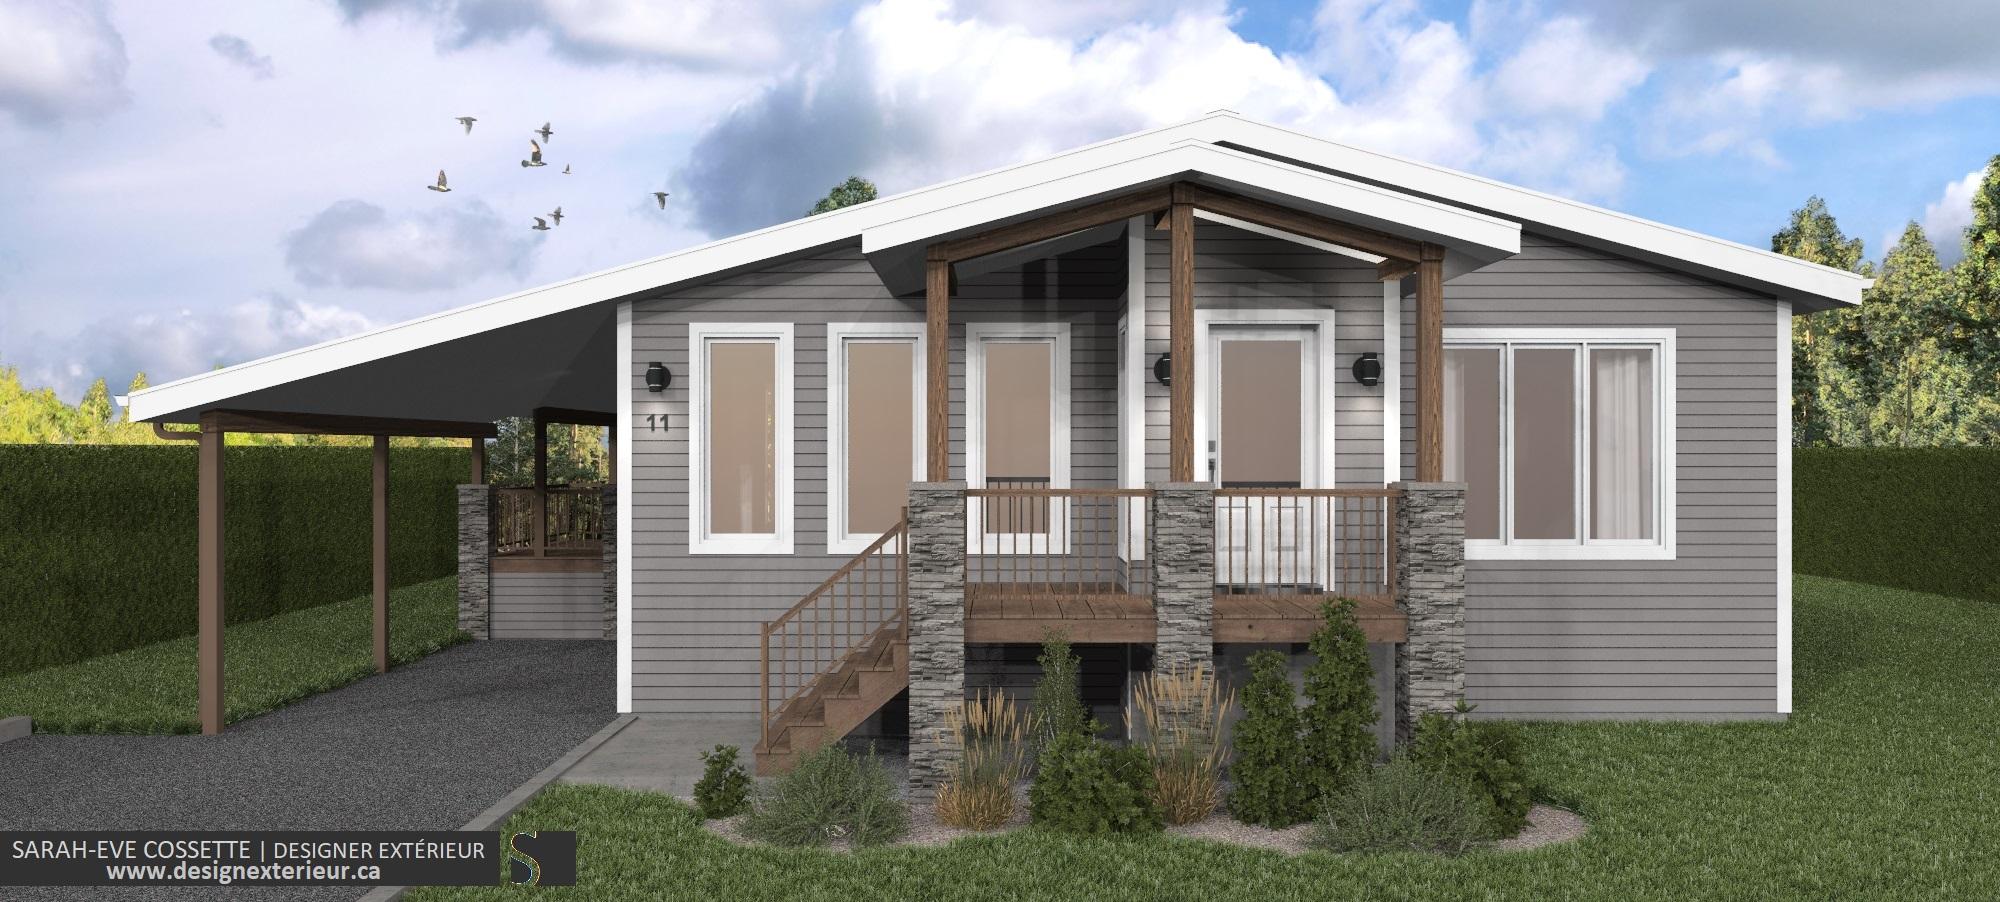 Projet Design exterieur 2020-DE001-3.2 maison a Amos visuel 3 modifie